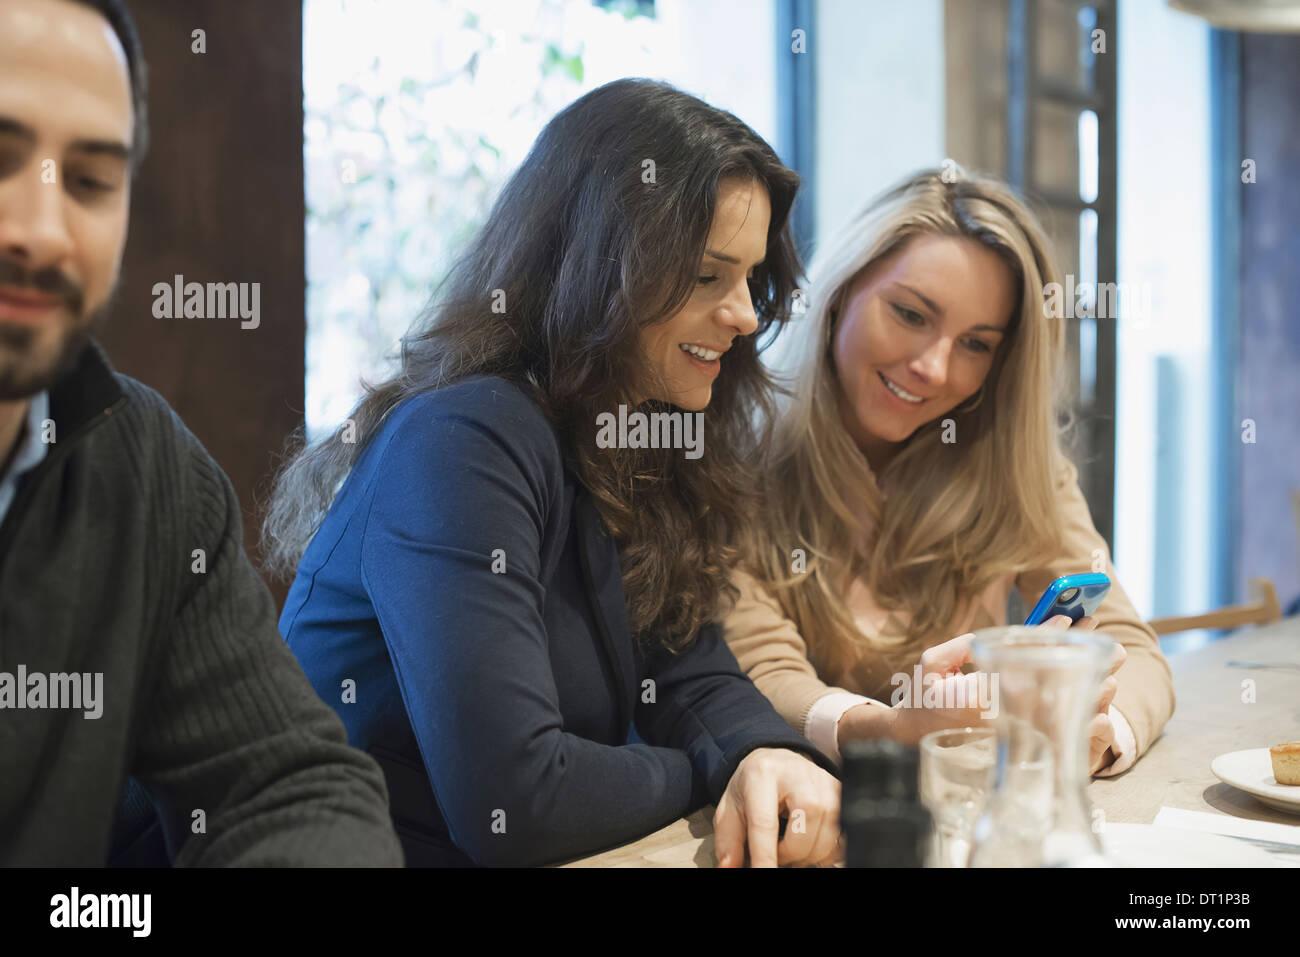 Las mujeres que comparten el texto en la mesa de restaurante Imagen De Stock